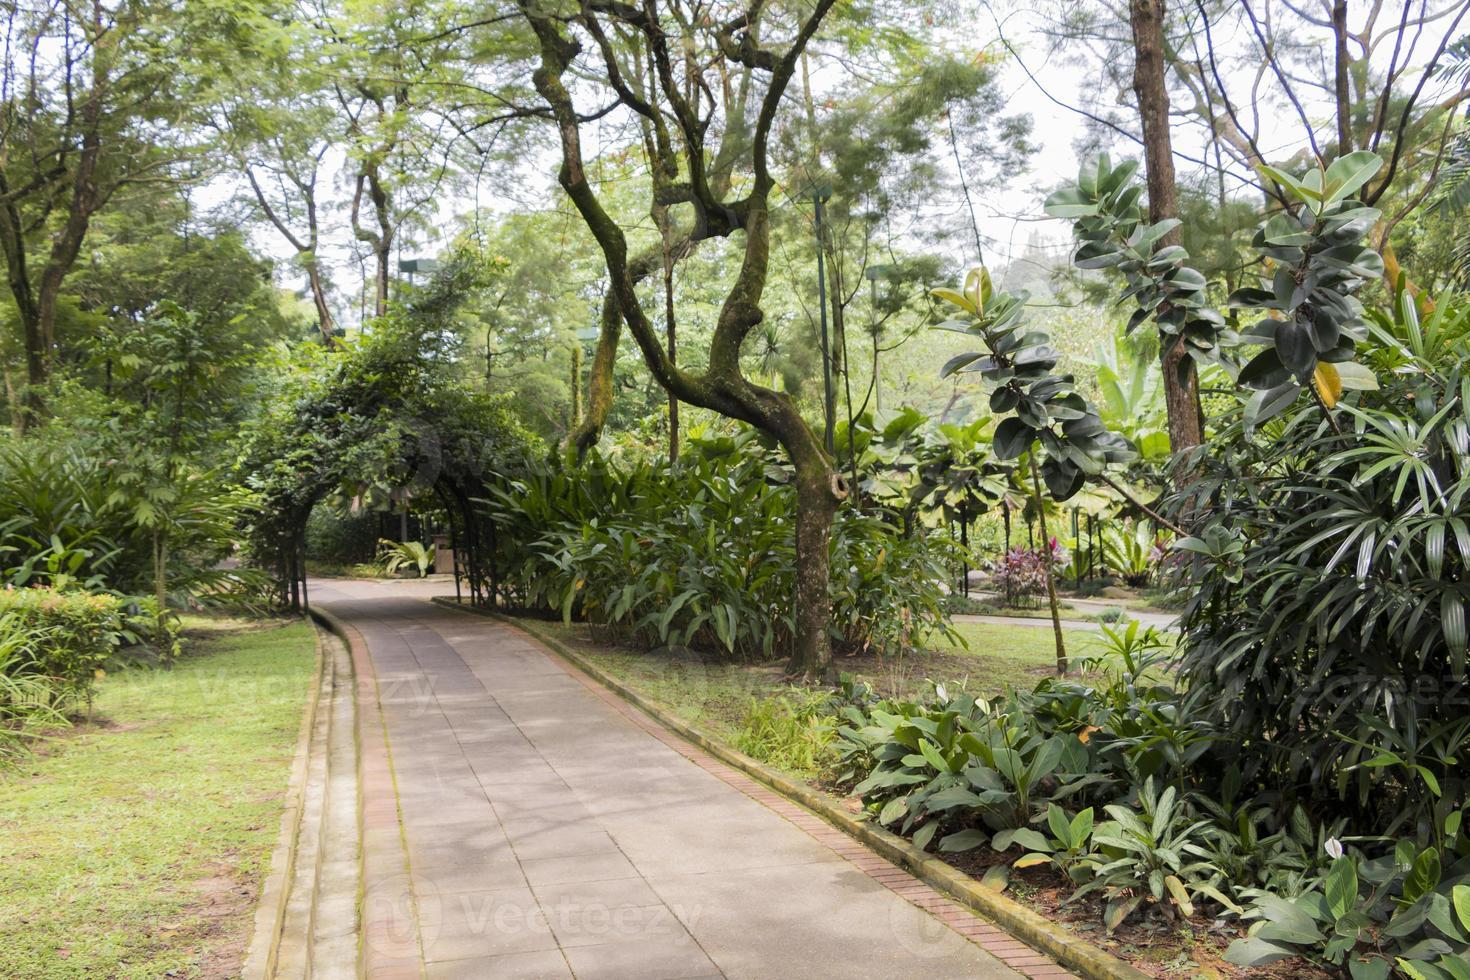 parque perfecto y limpio jardines botánicos de perdana en kuala lumpur. foto